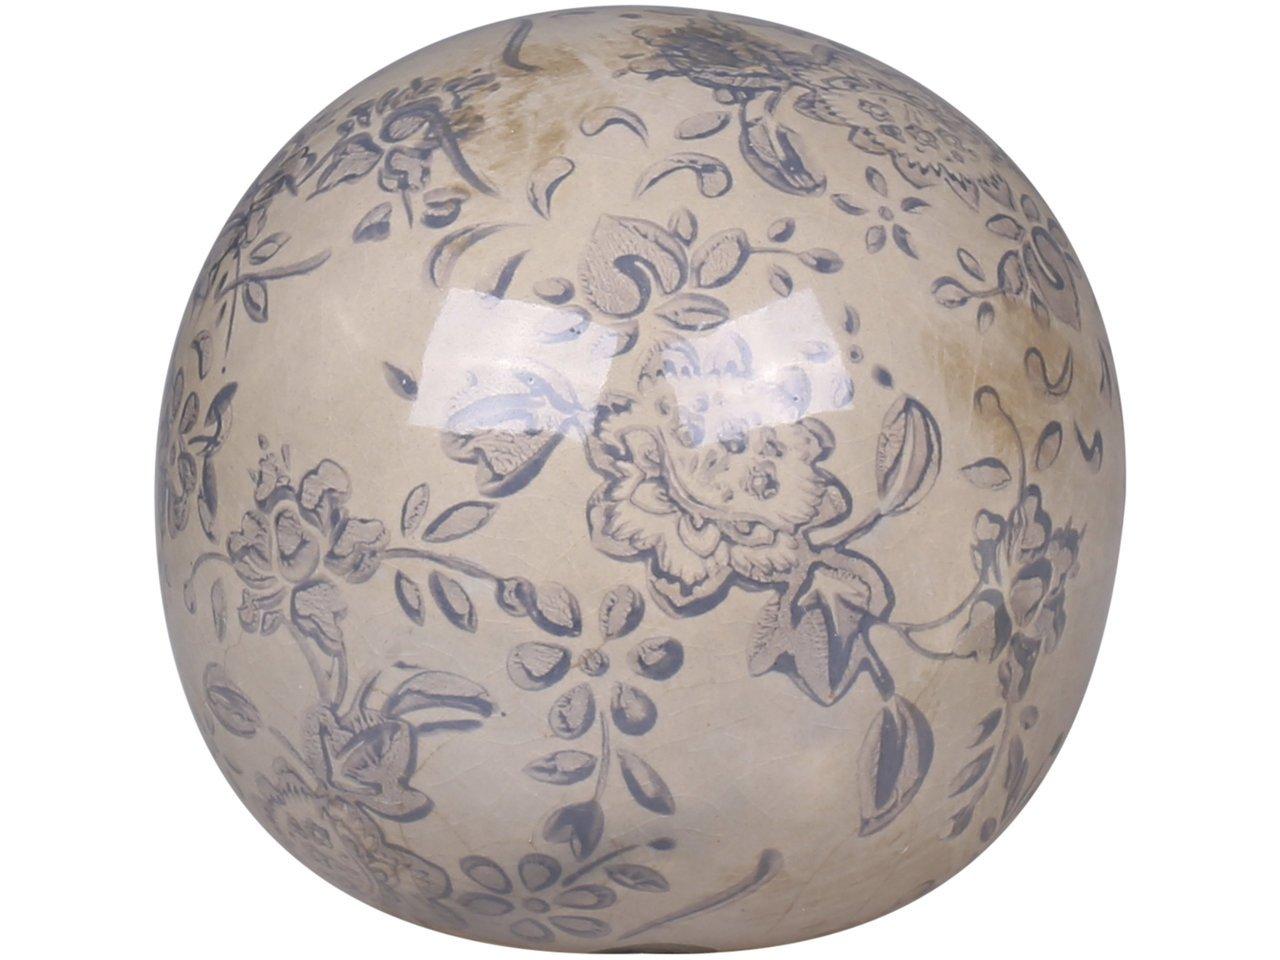 Chic Antique Melun Kugel mit französischem Muster